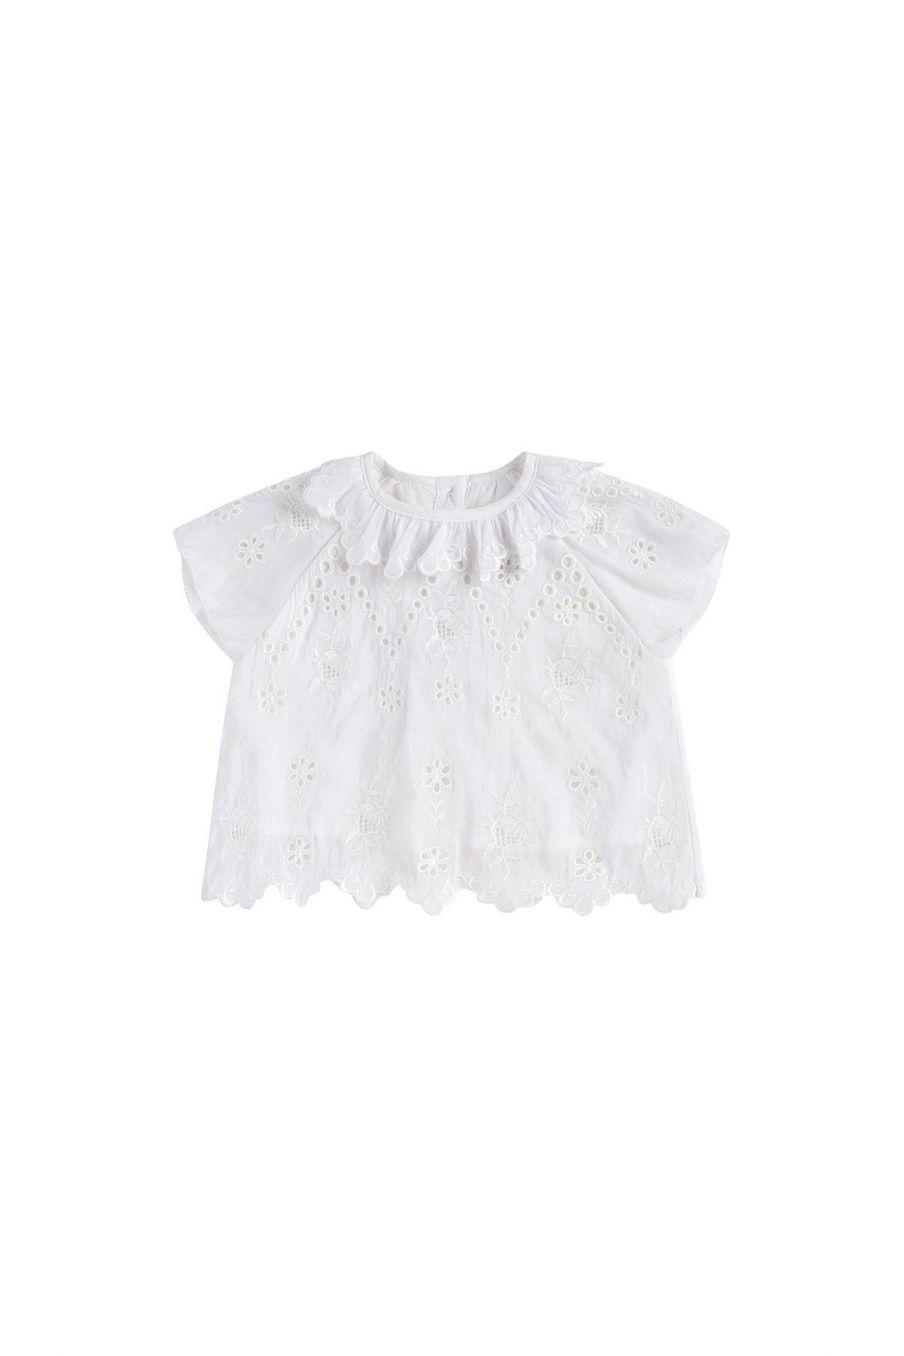 boheme chic vintage blouse bébé fille sandrine ecru